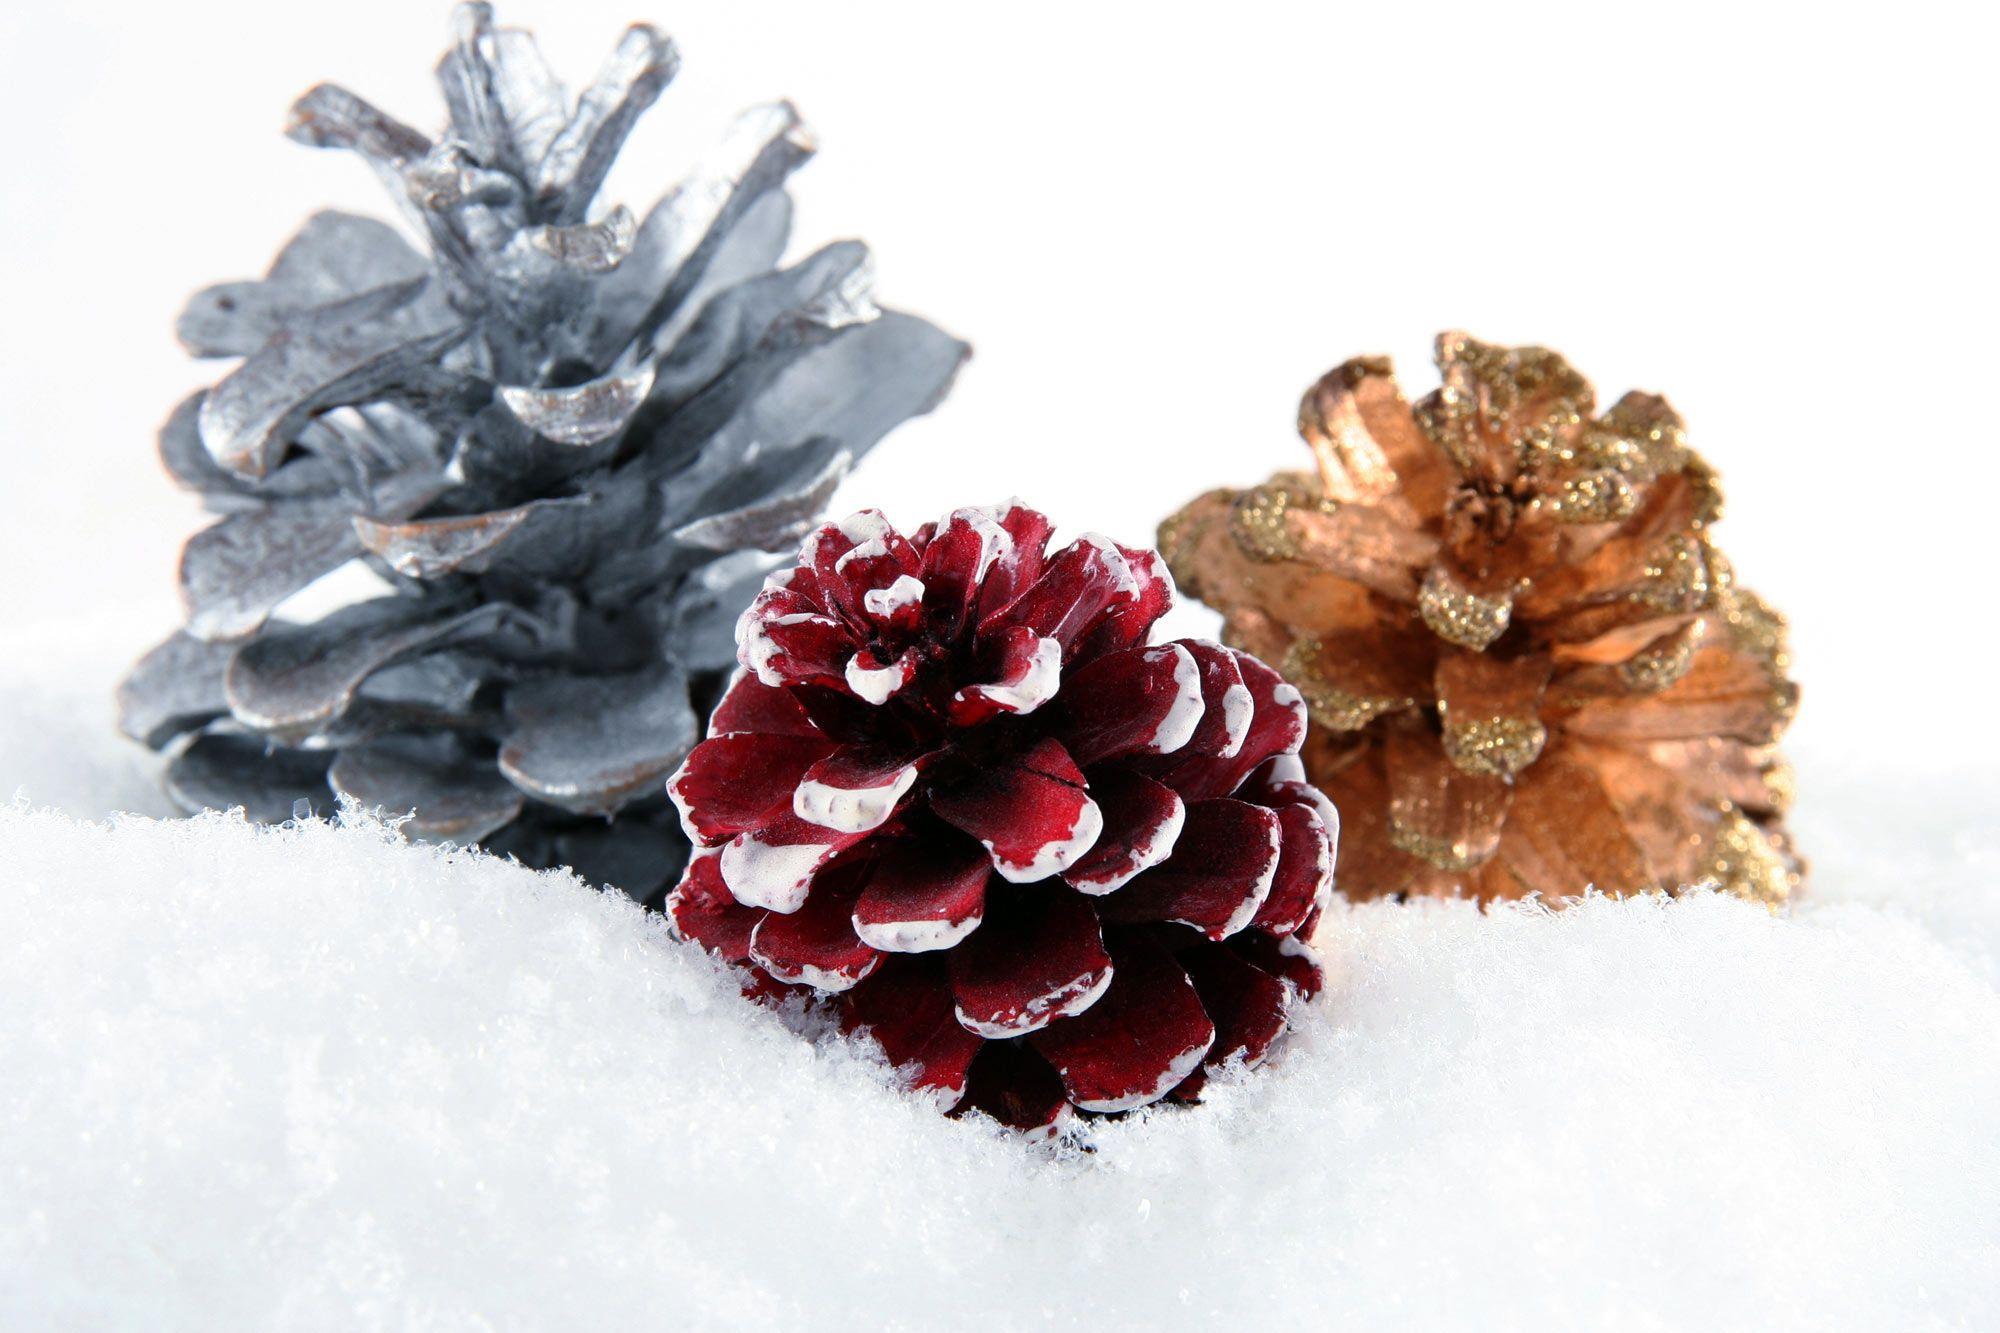 Décoration de Noël avec pommes de pin séchées